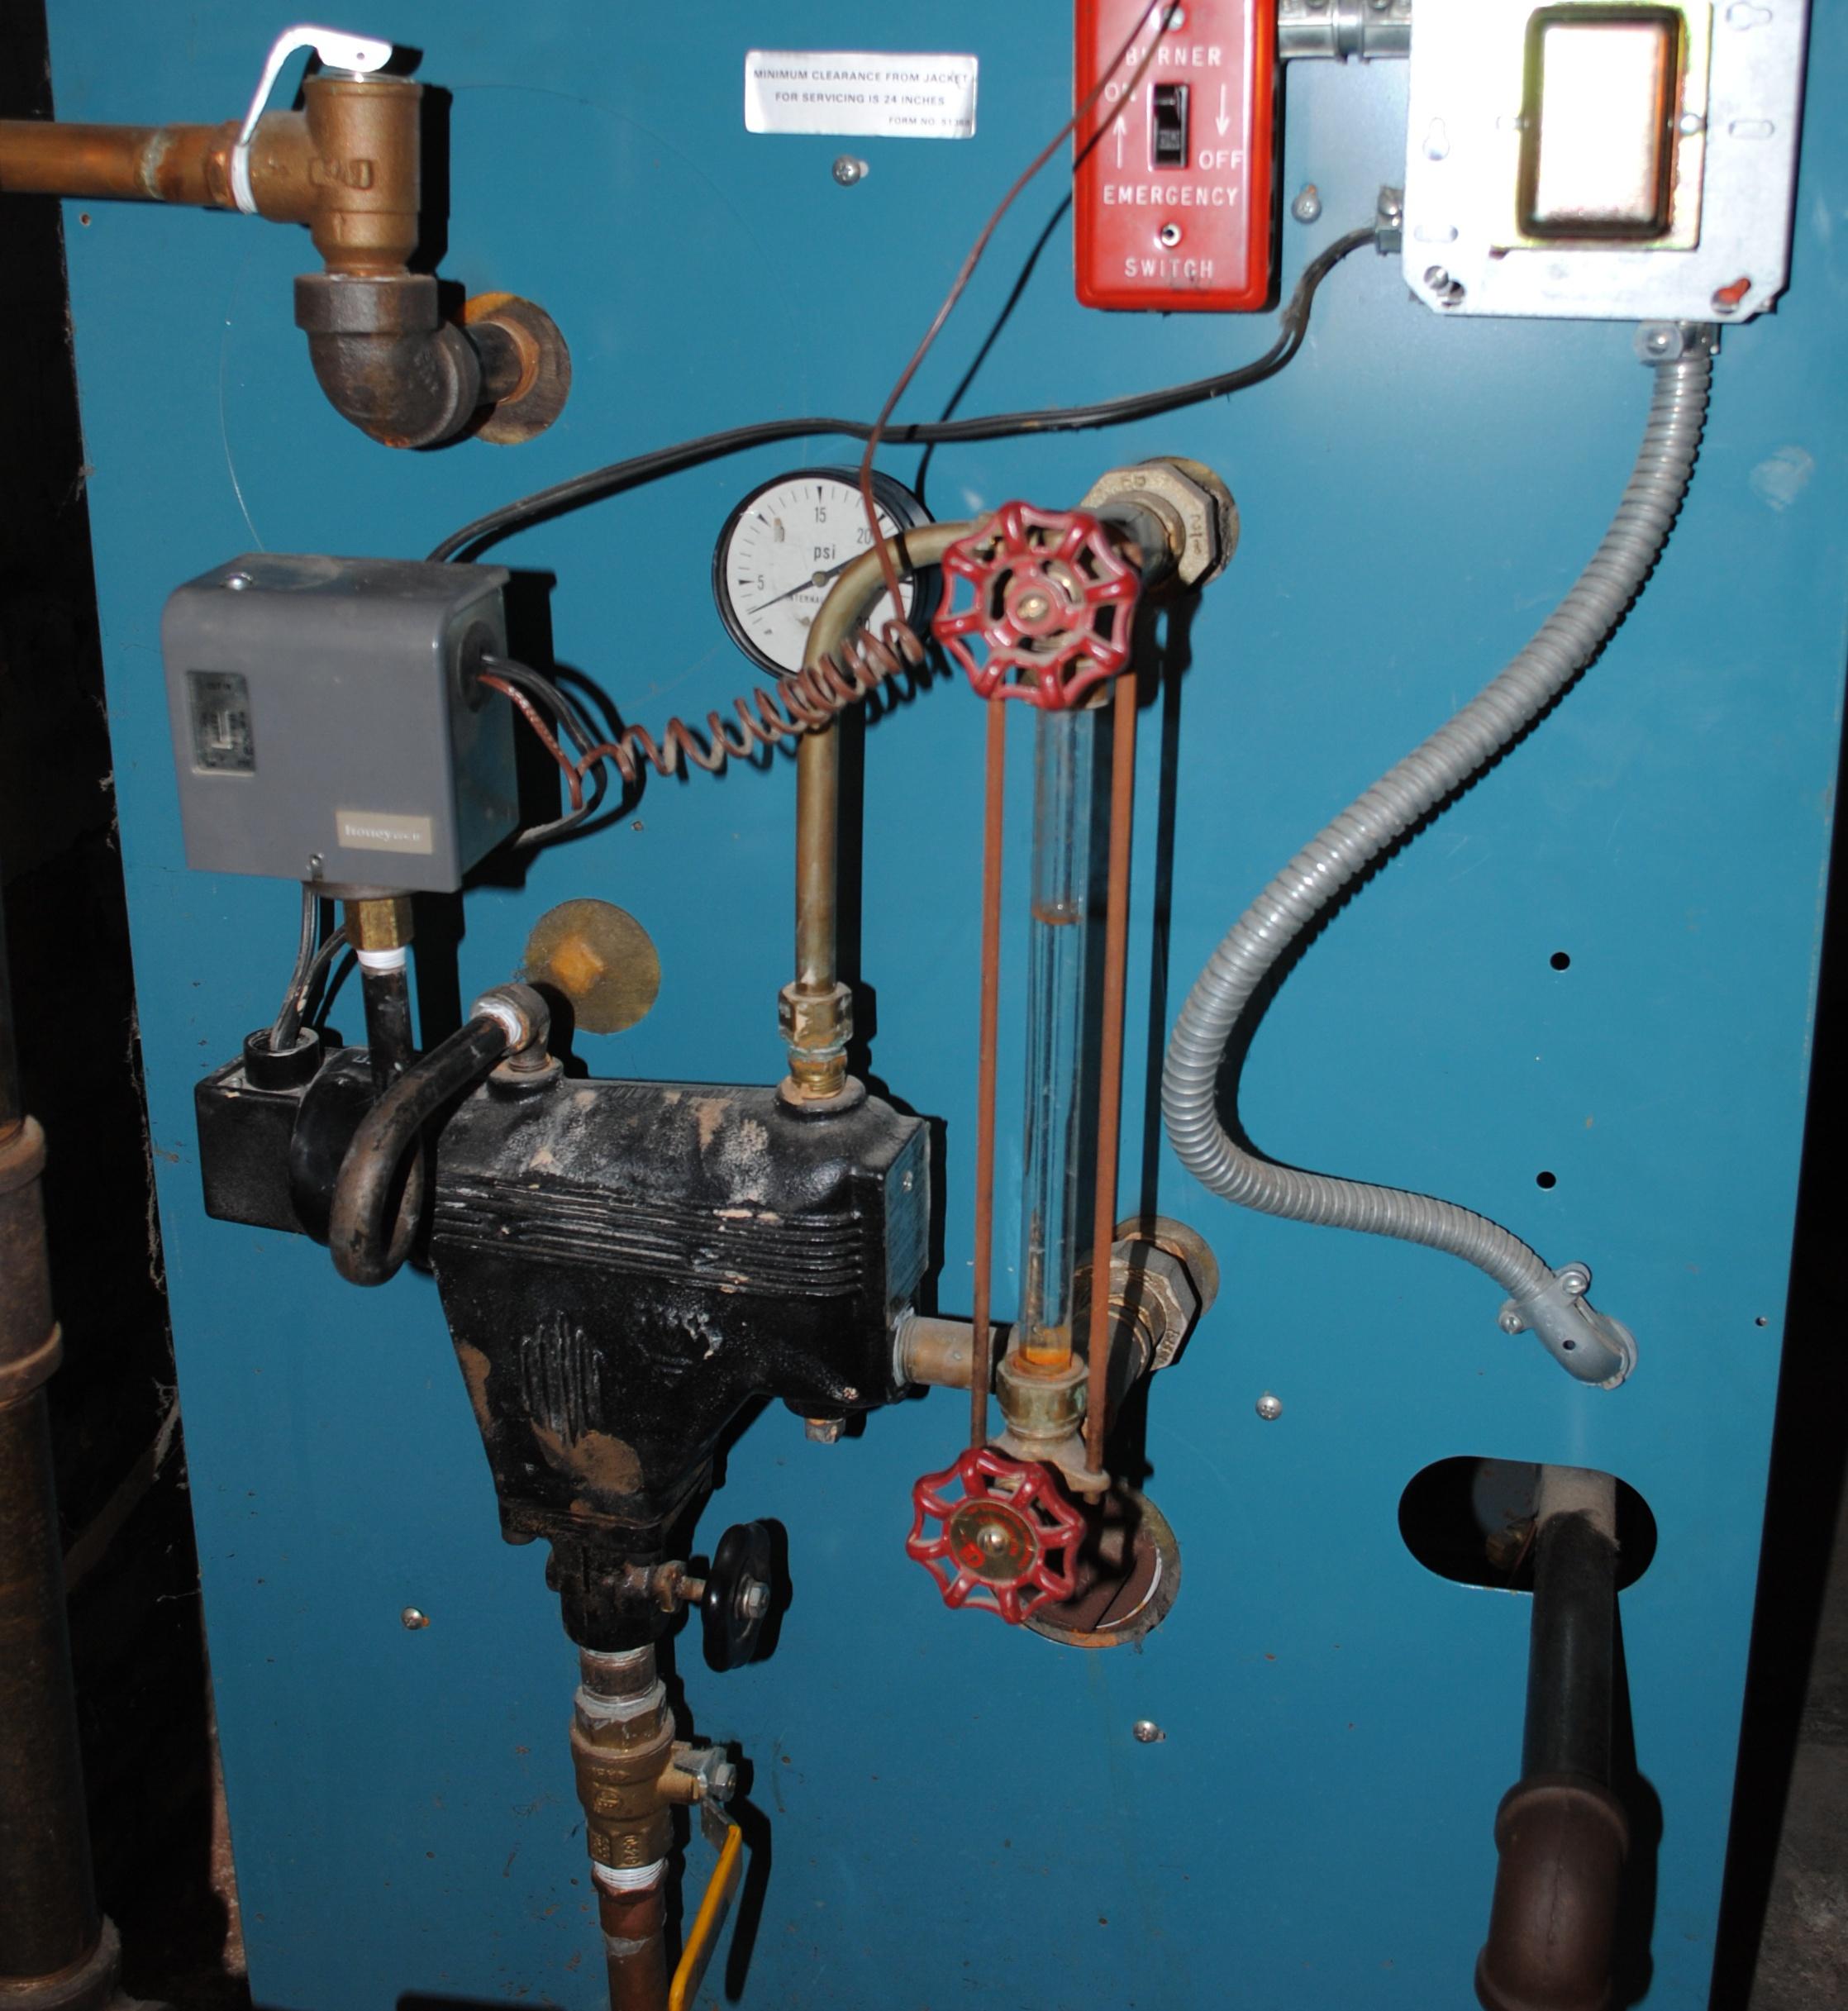 Mcdonnell Miller 67 Wiring Diagram | Schematic Diagram - Mcdonnell Miller Low Water Cutoff Wiring Diagram